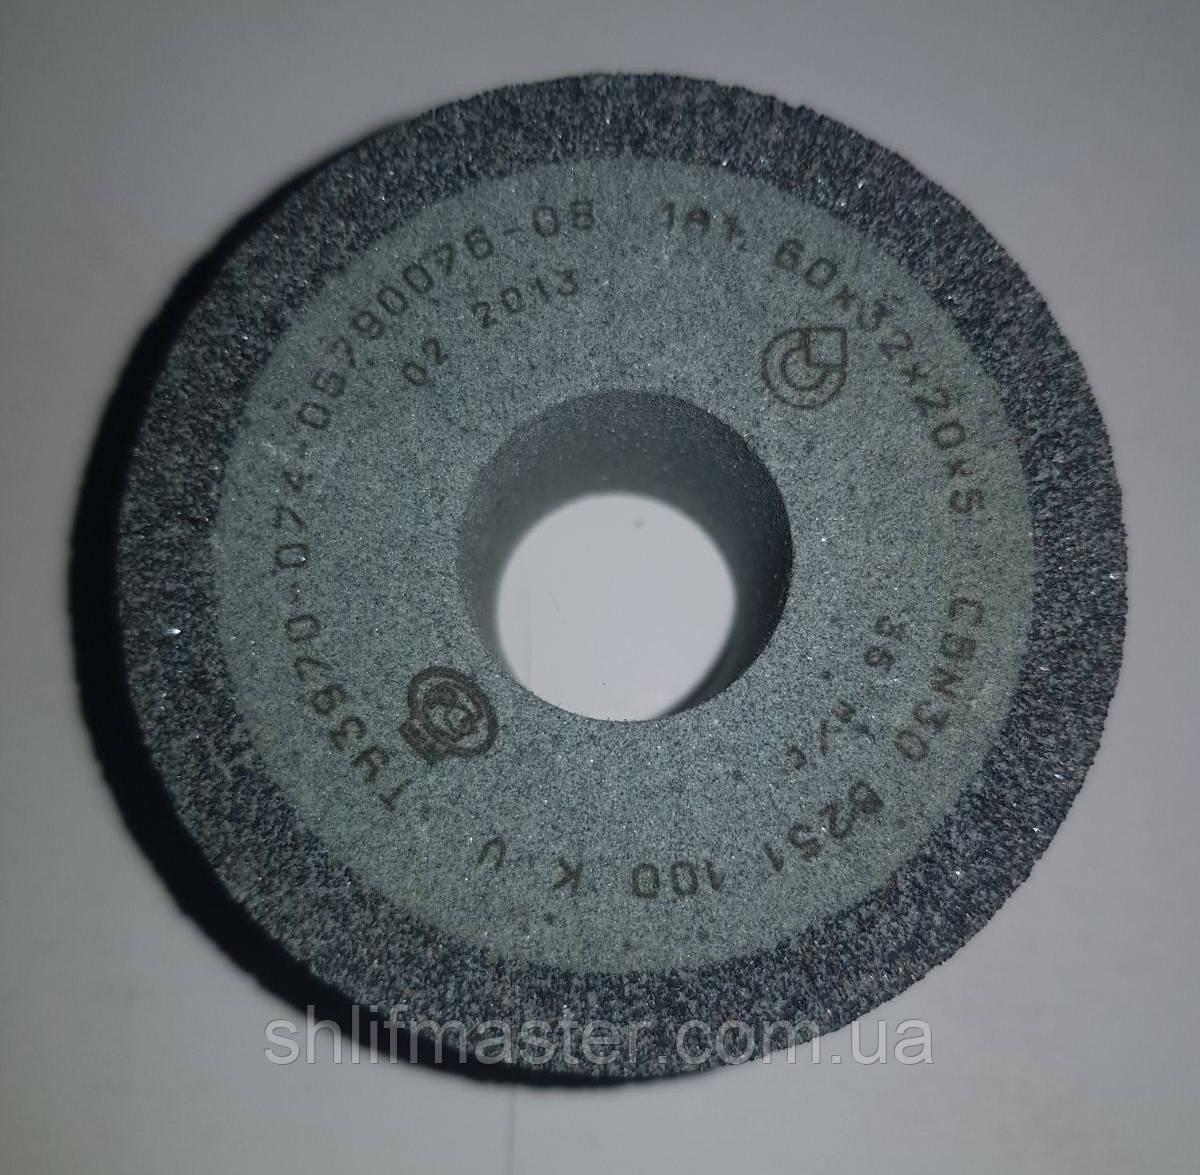 Круг шлифовальный эльборовый на керамической связке 1А1 60х32х20х5 CBN30 B251 100 K 35 m/c